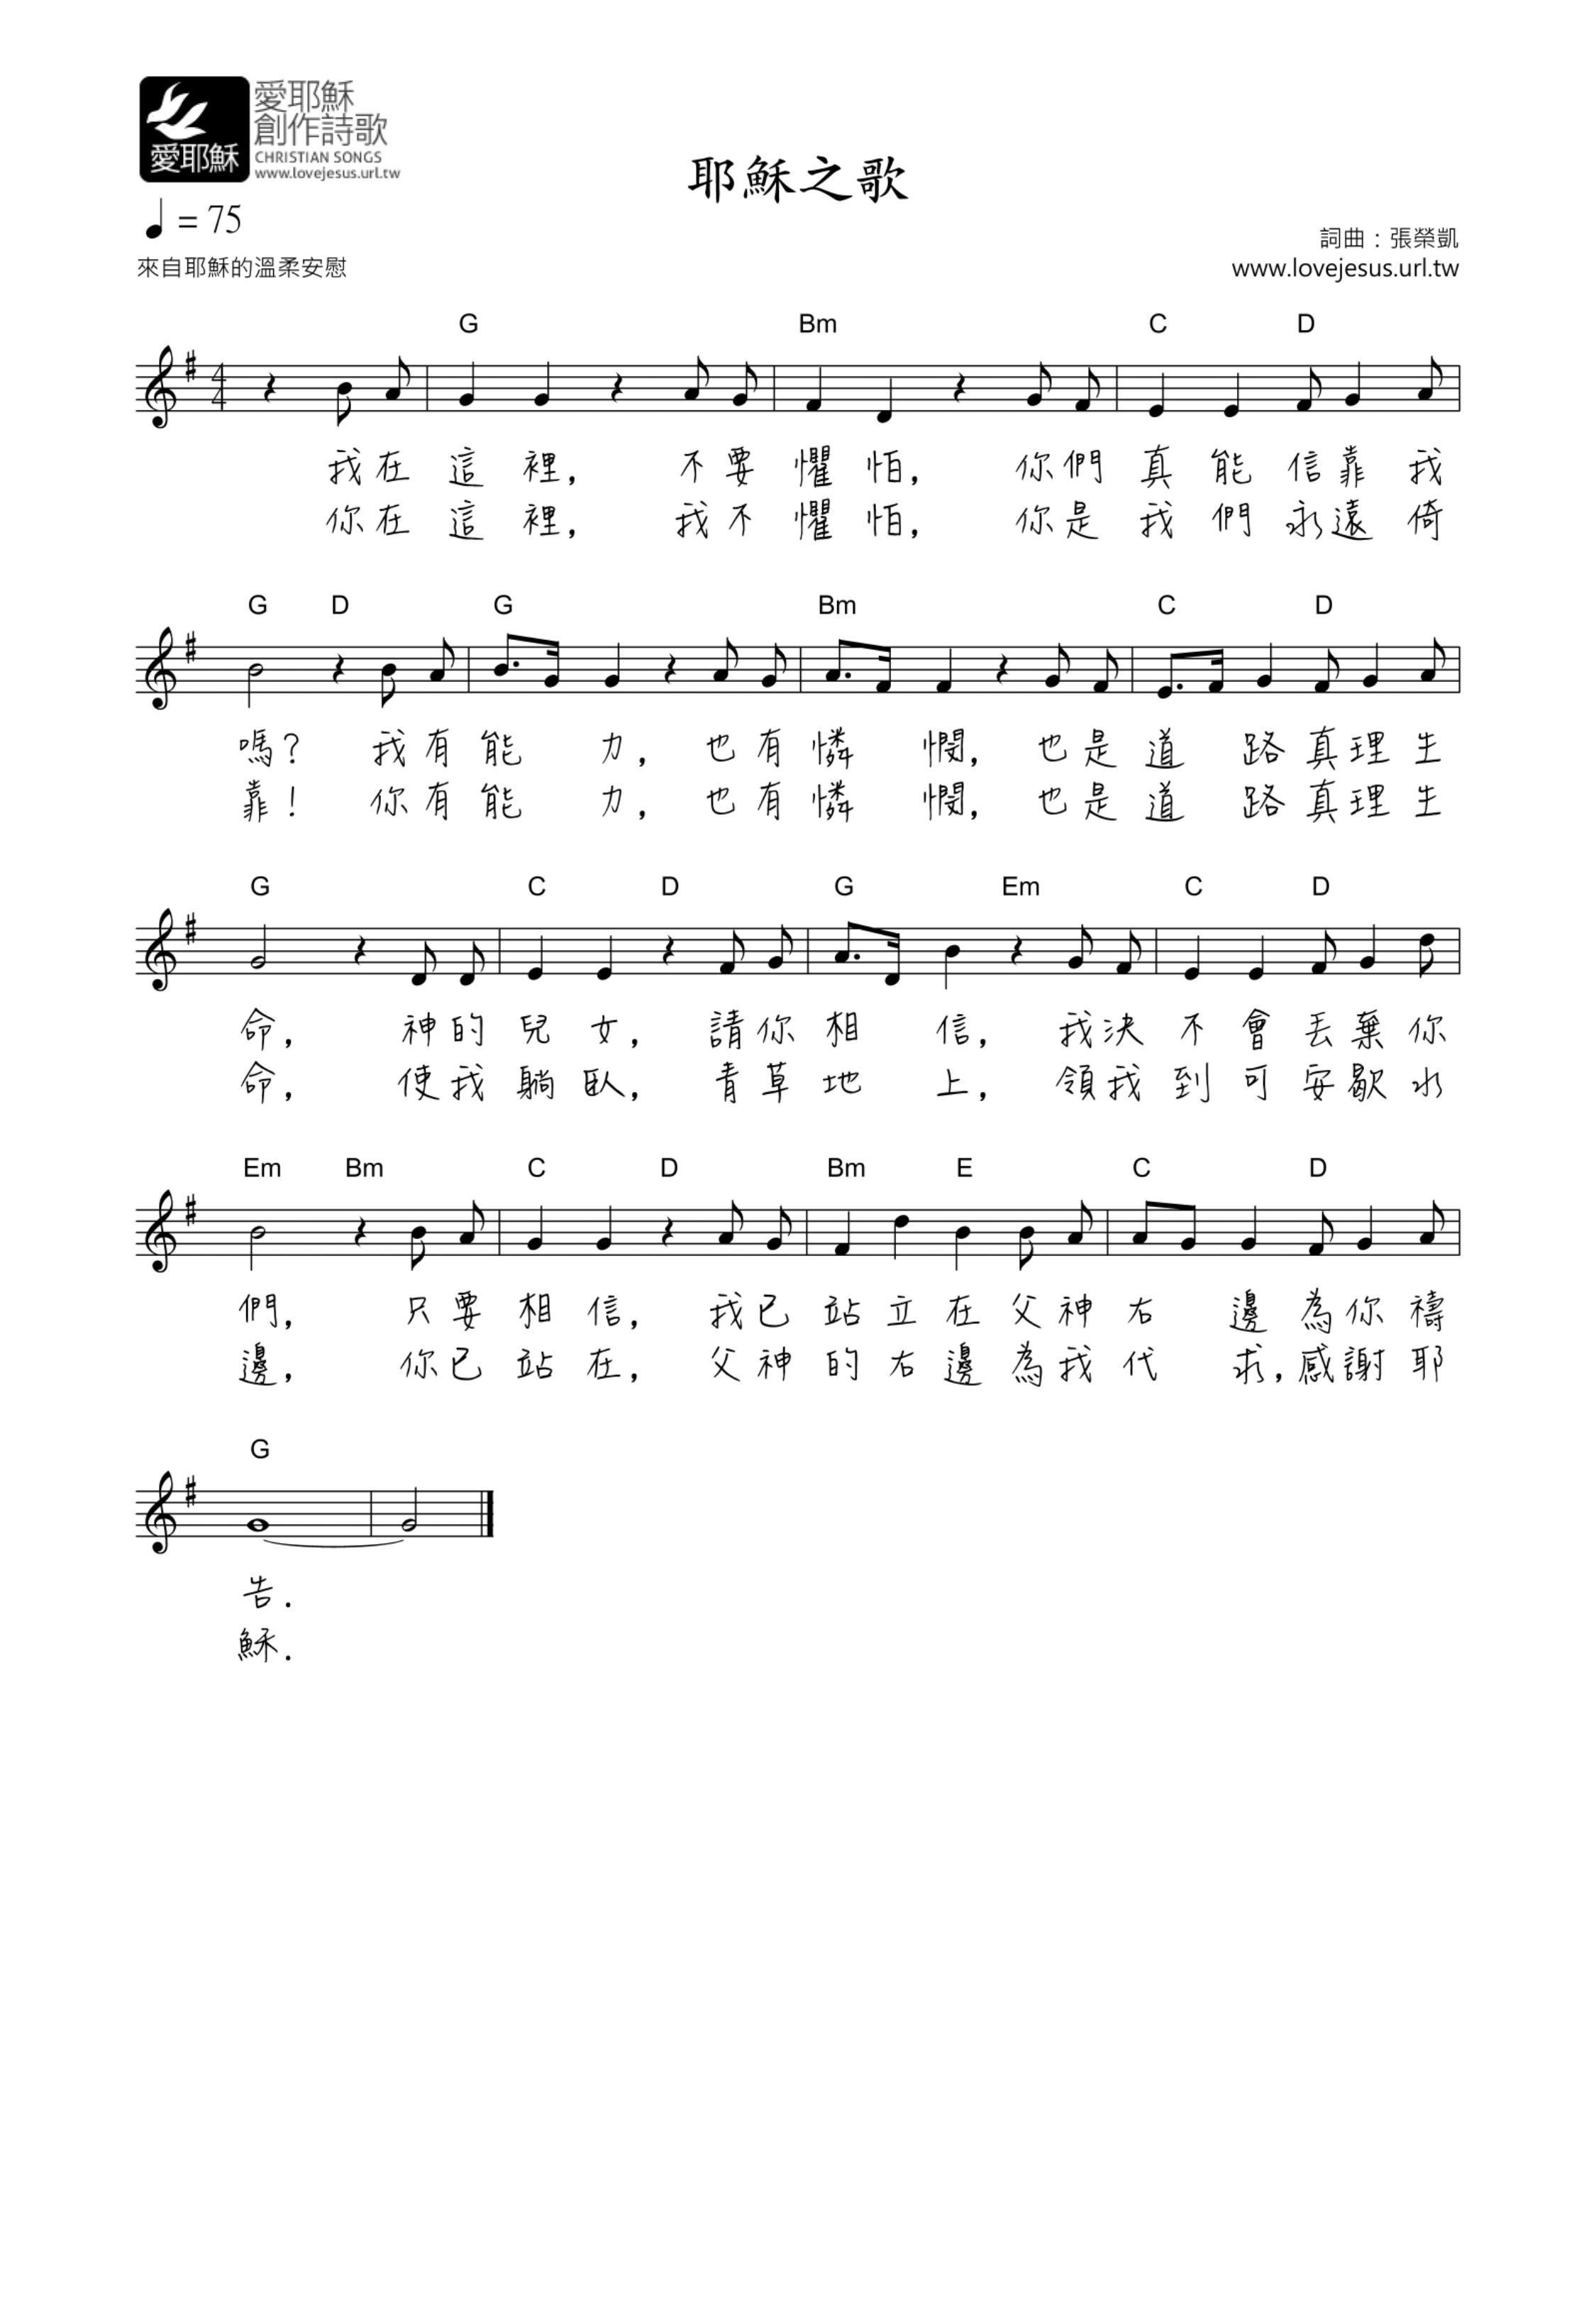 《耶稣之歌 官方和弦五线谱》